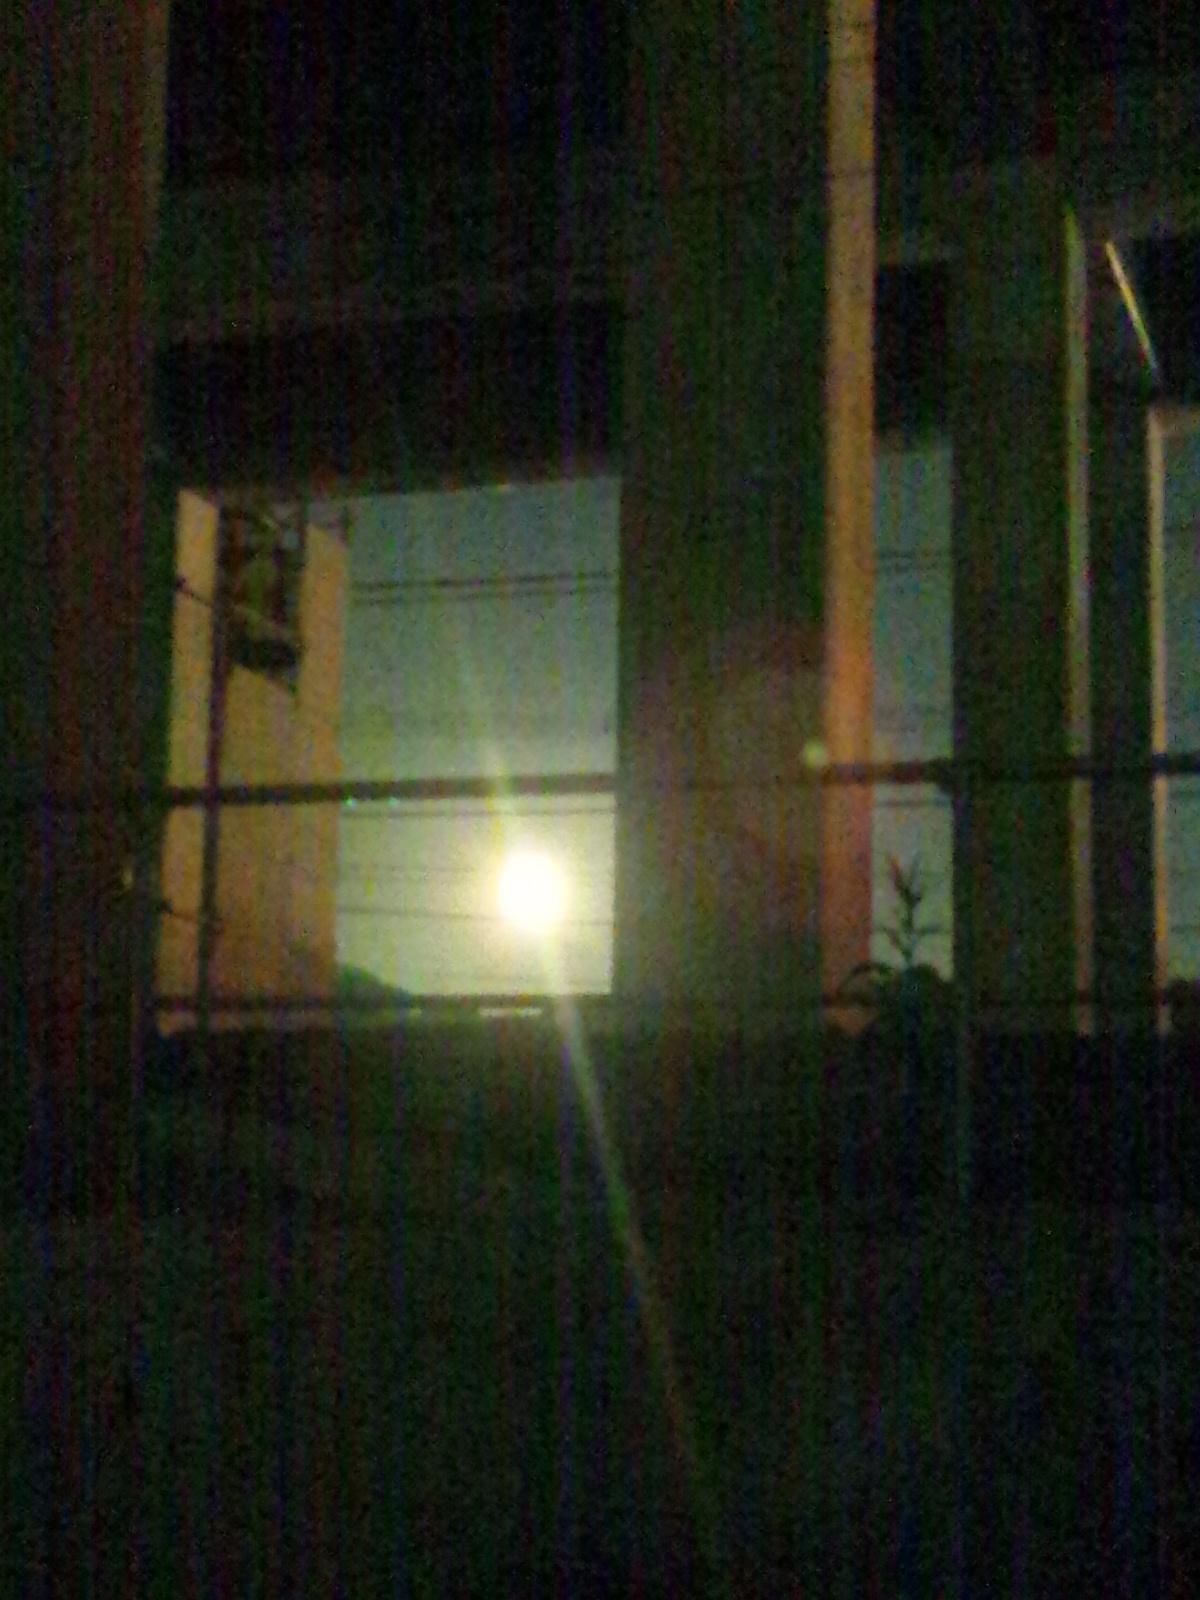 十六夜の月と実る稲穂と逆ヒッチハイク新入荷と芸術の秋の月光荘_c0246783_17425363.jpg